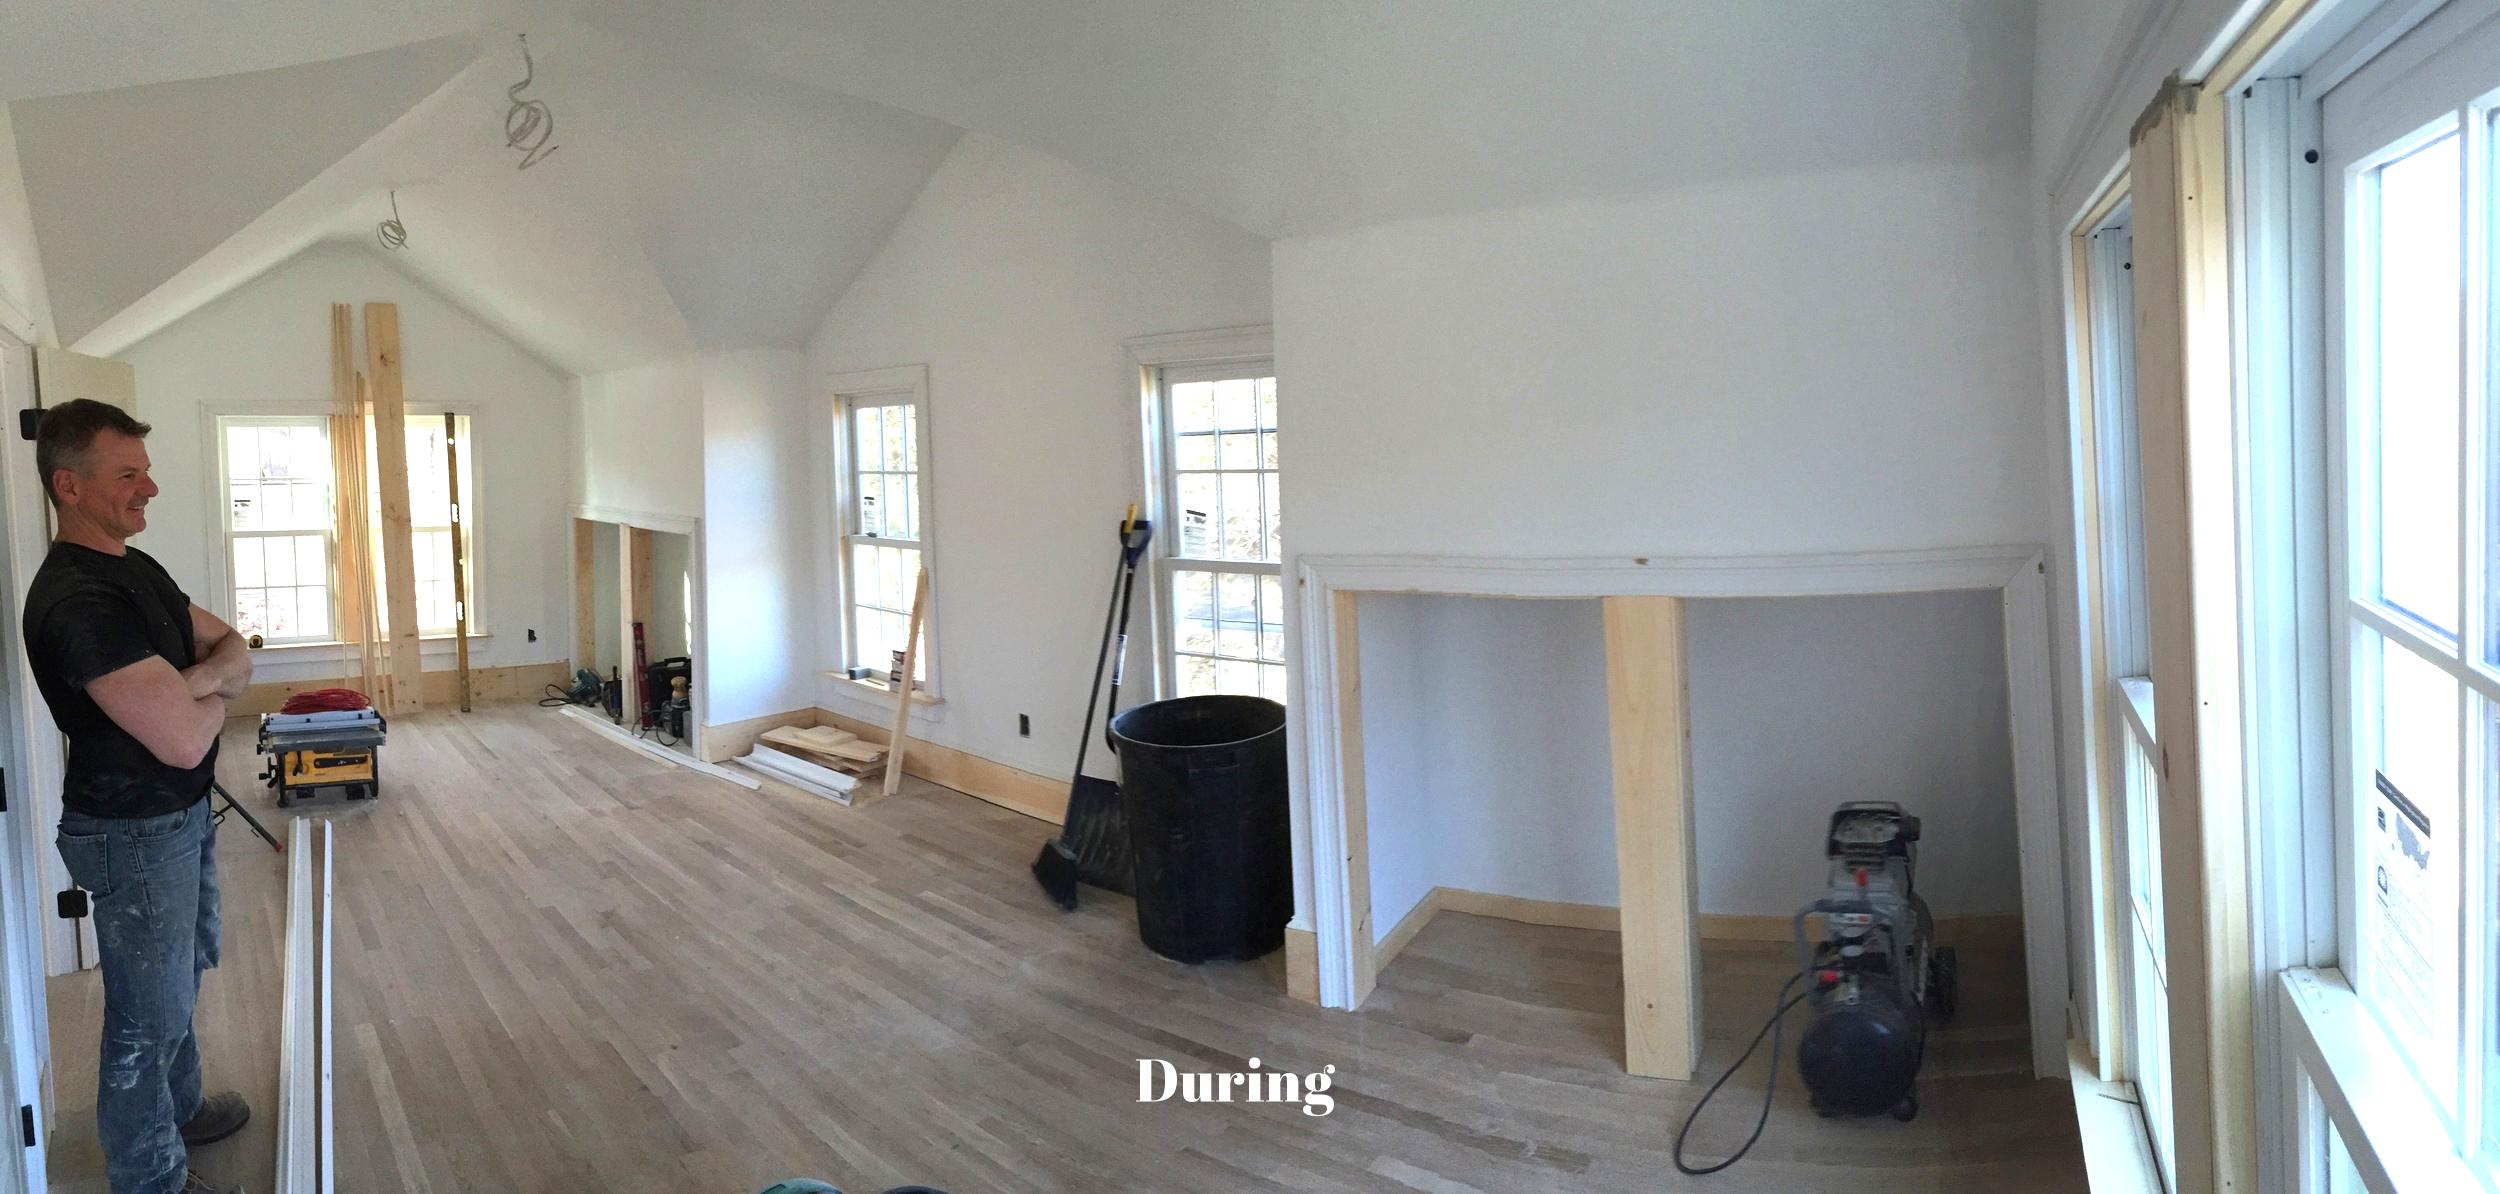 Bedroom During 18.jpg